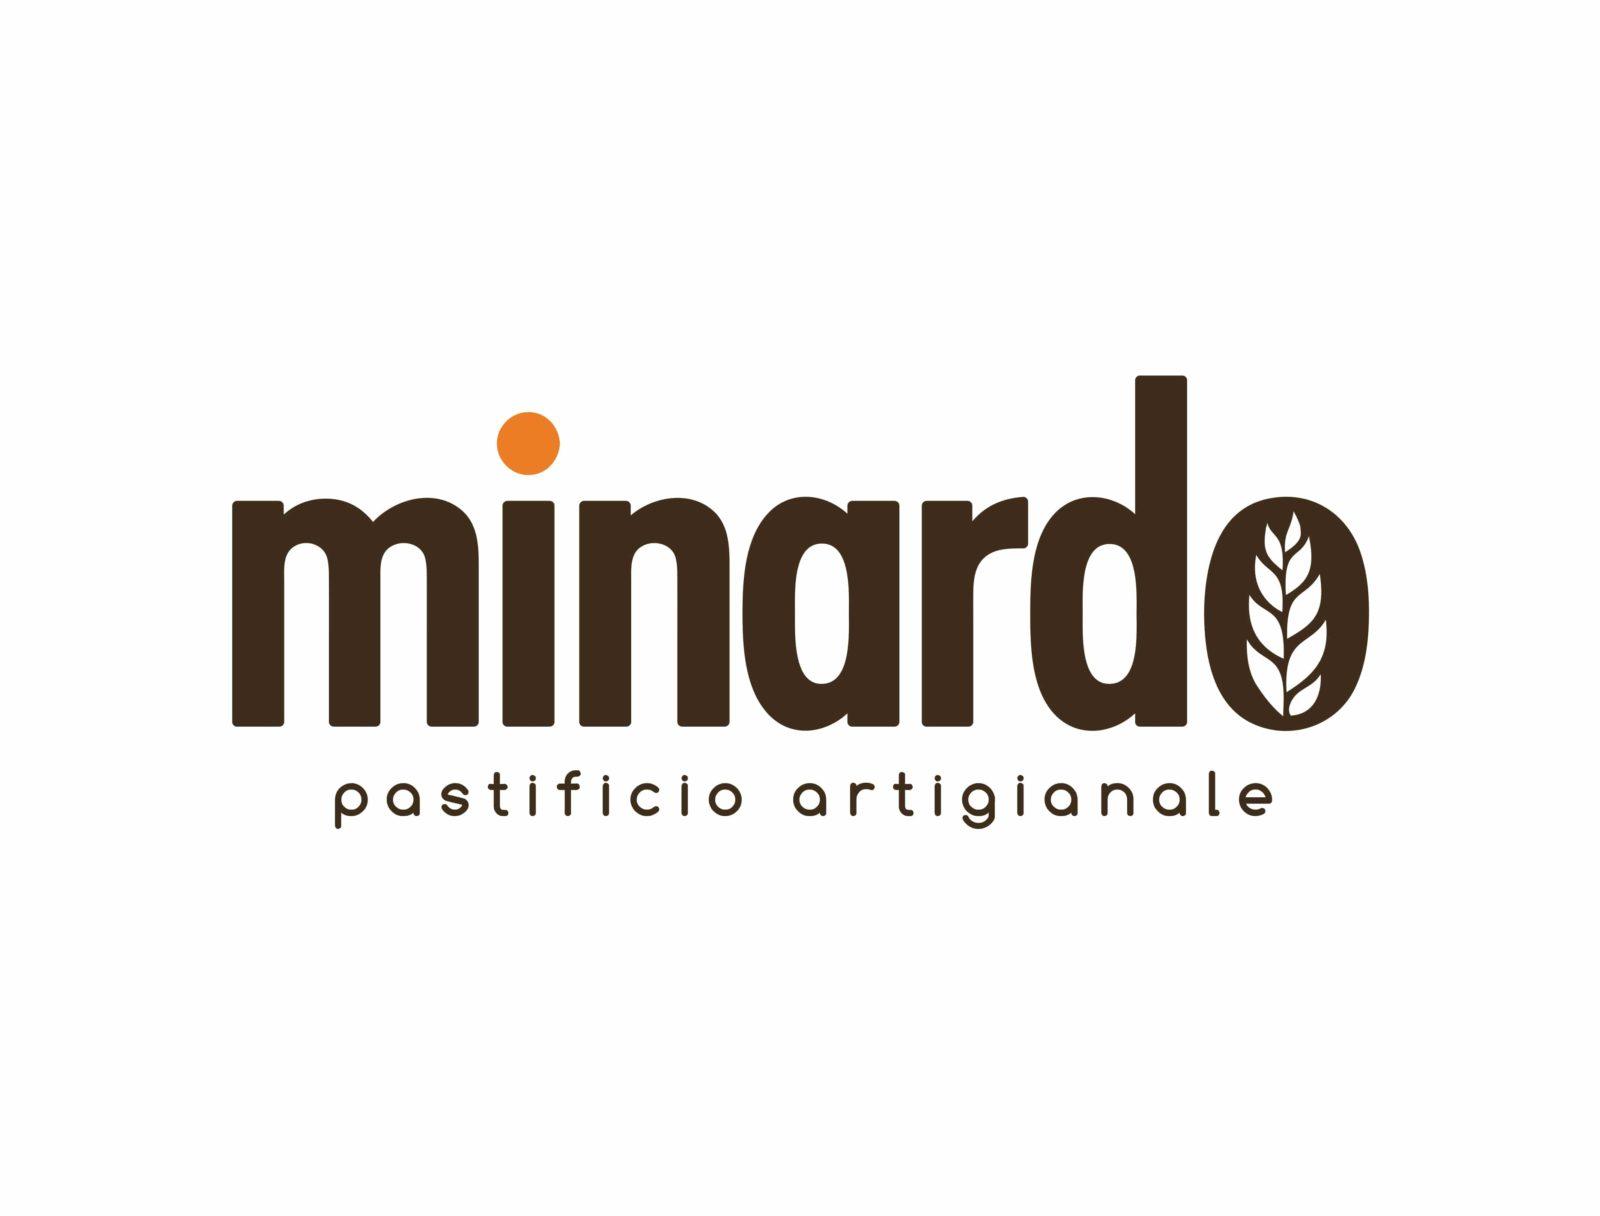 minardo